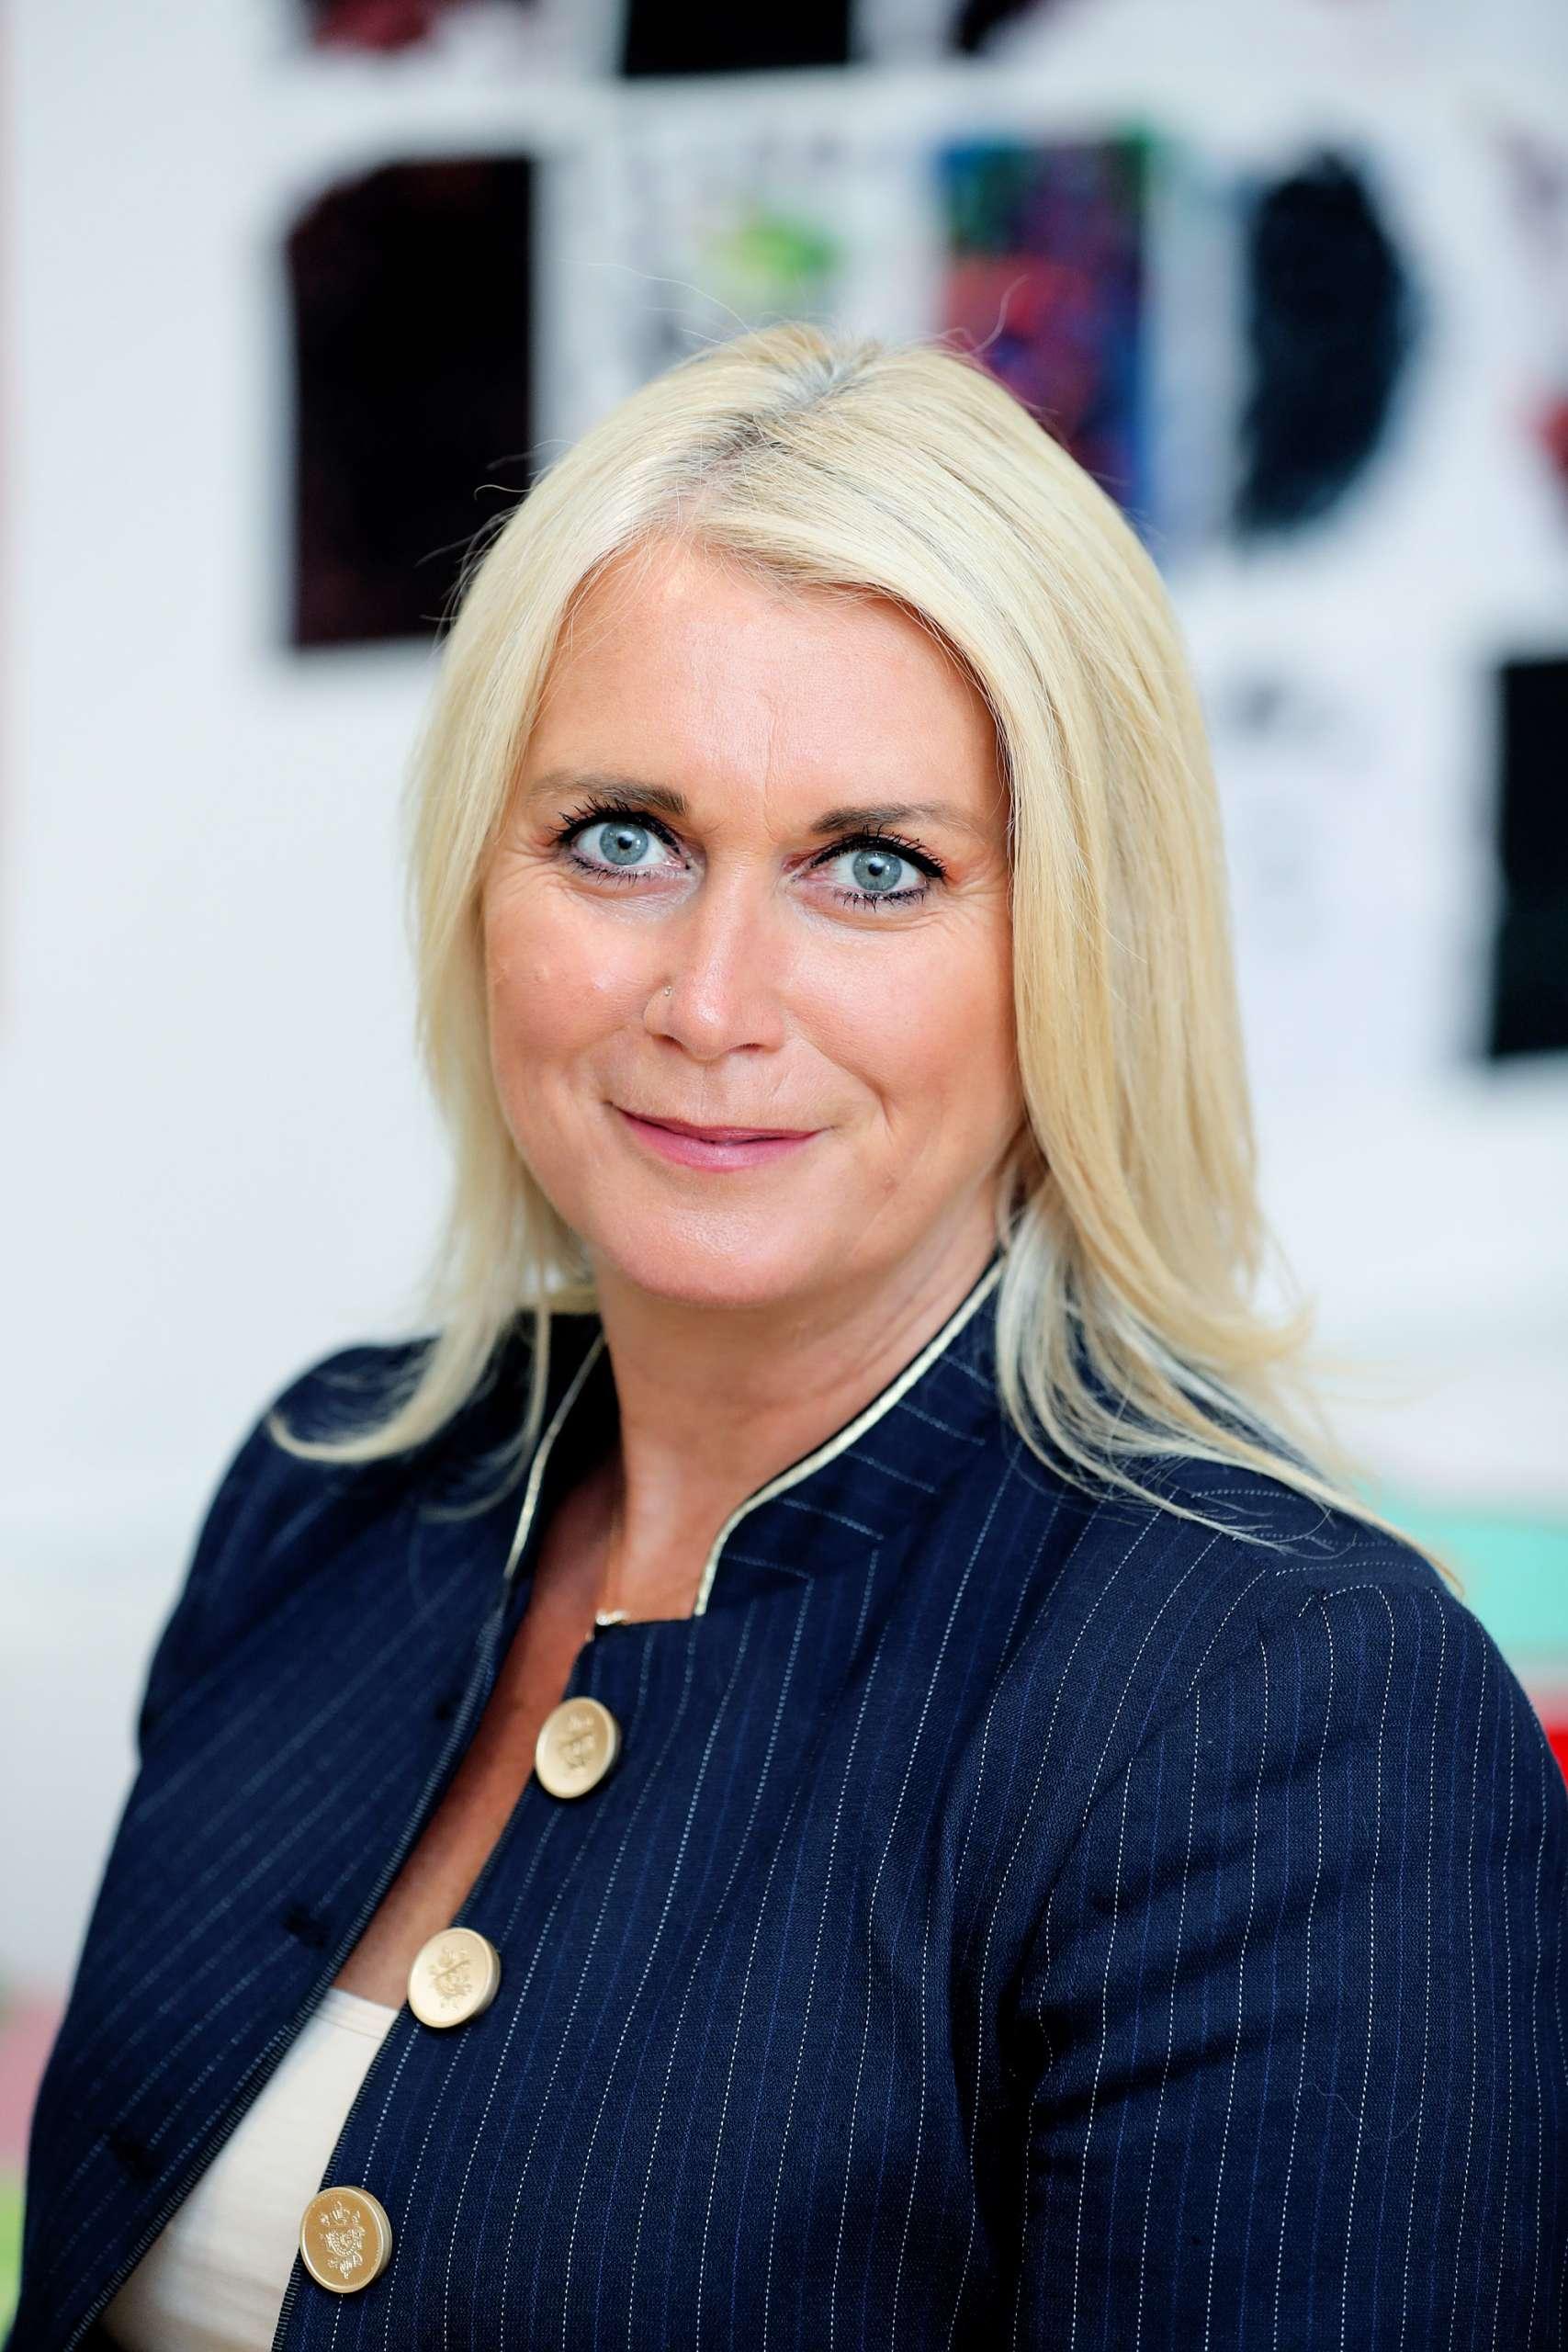 Elaine Dunne